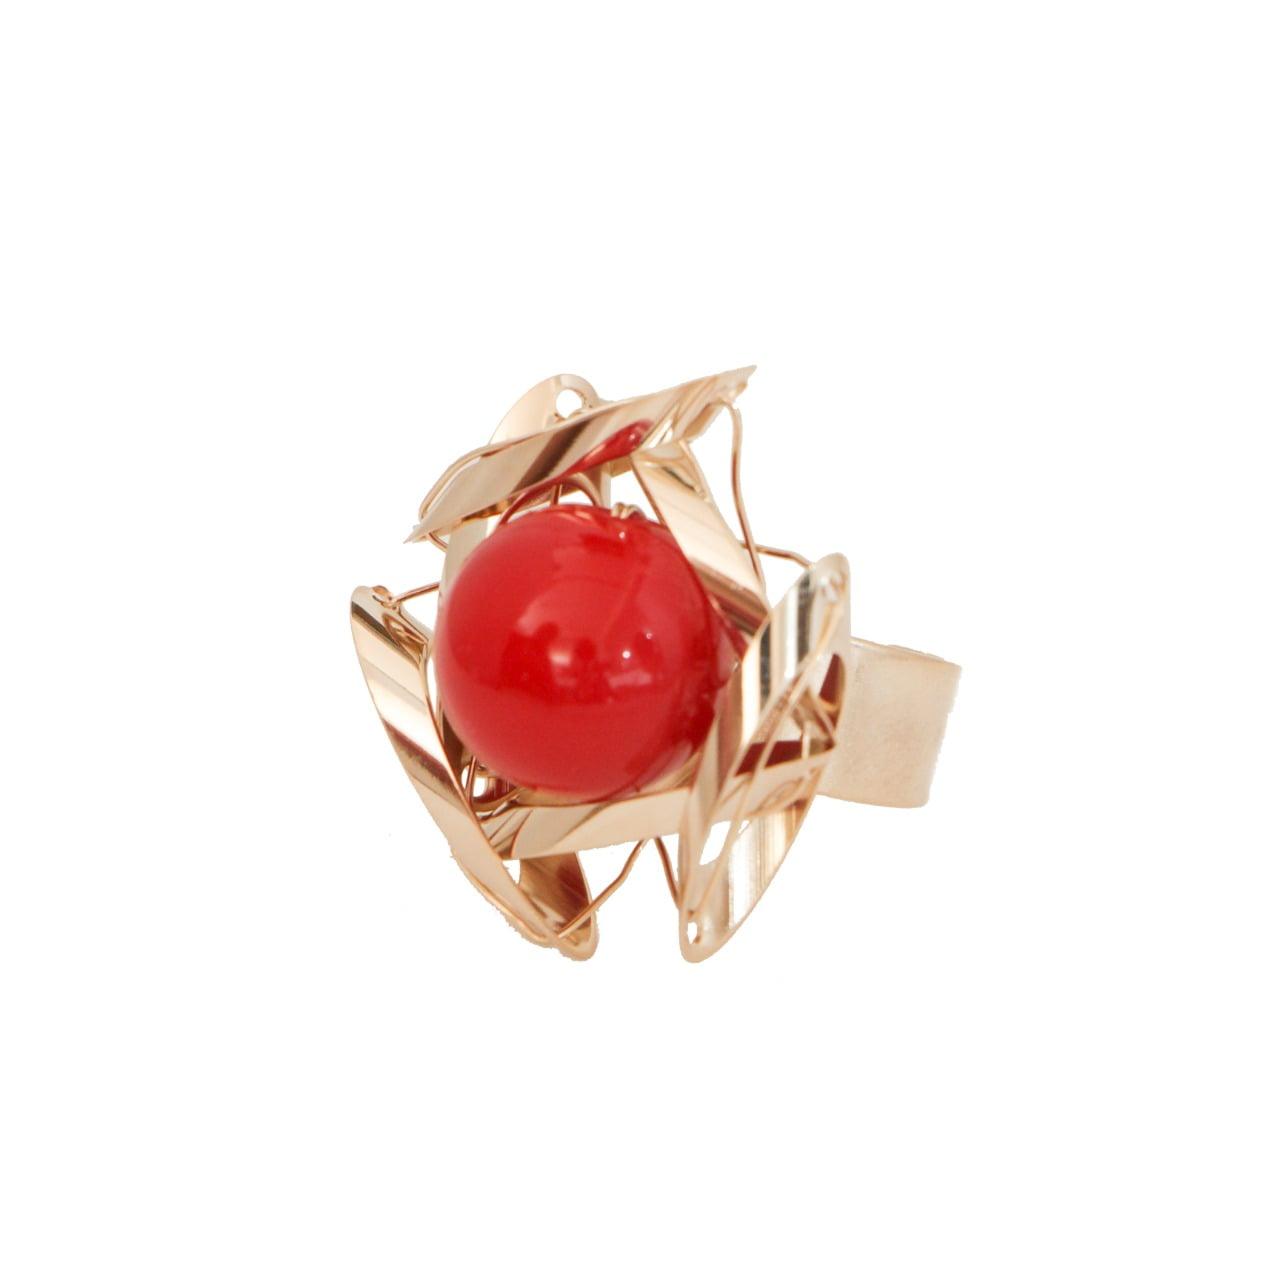 Anel com resina cor vermelha folheado a ouro 18k